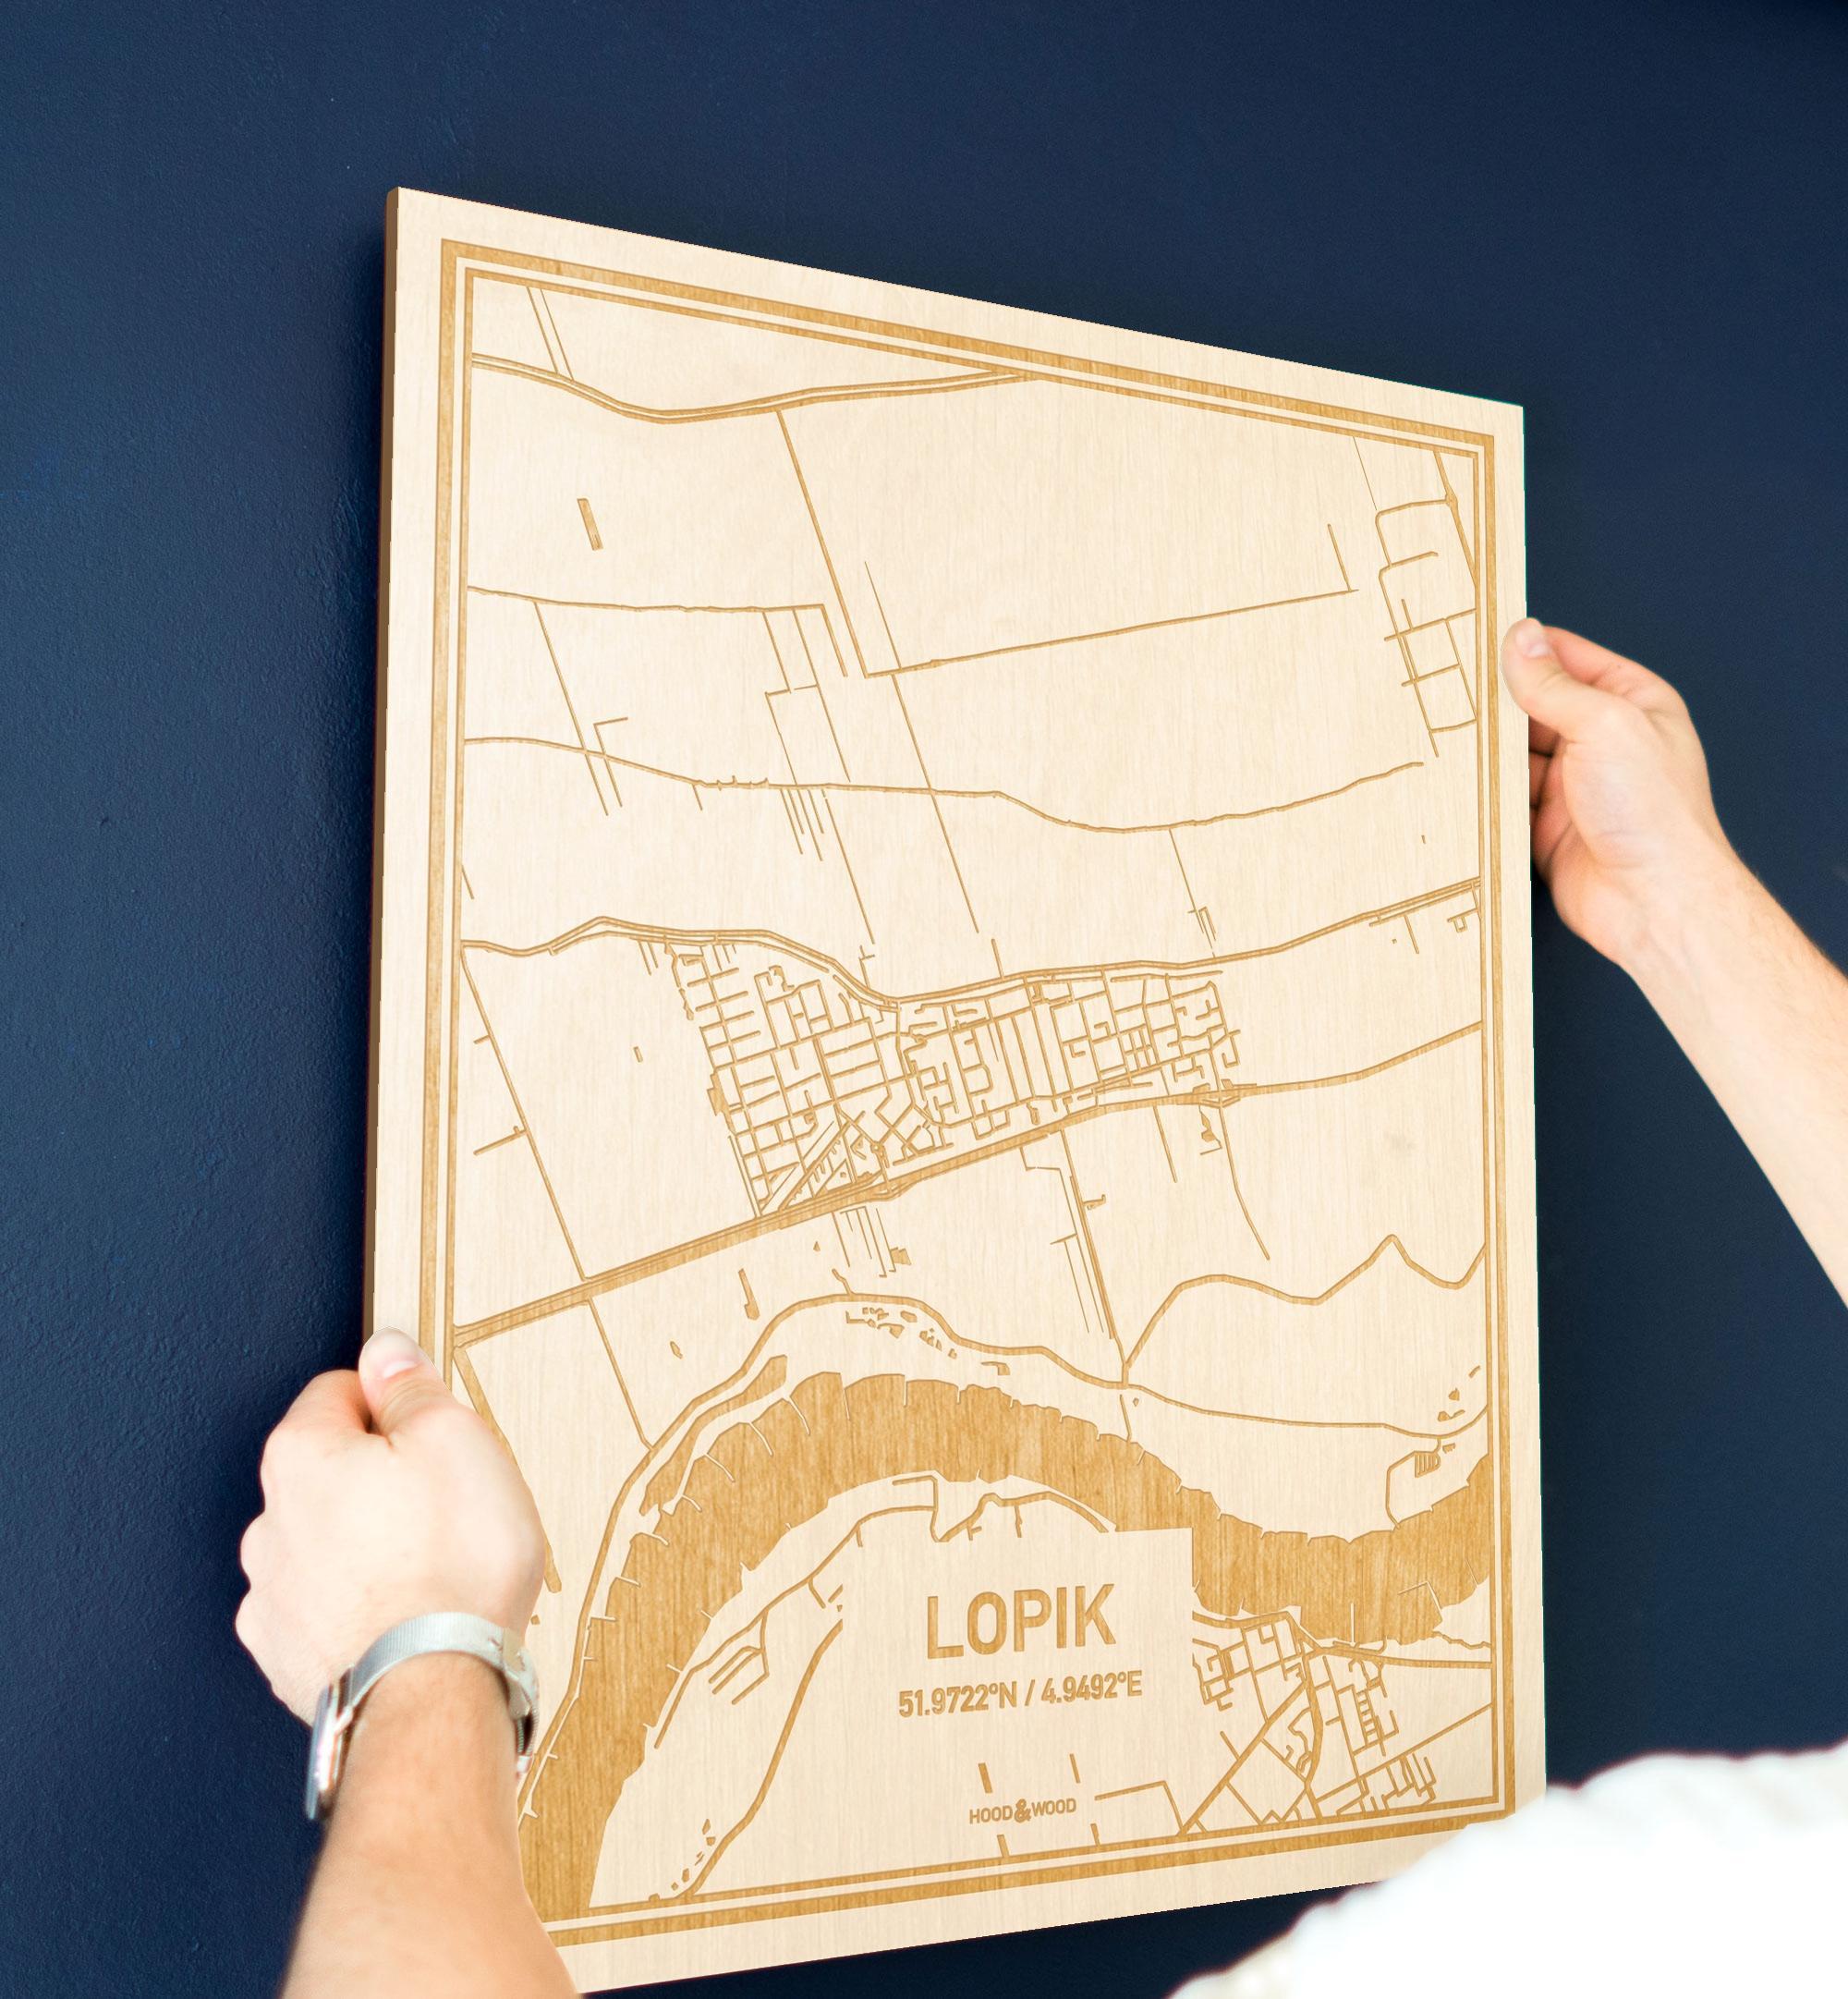 Een man hangt de houten plattegrond Lopik aan zijn blauwe muur ter decoratie. Je ziet alleen zijn handen de kaart van deze prachtige in Utrecht vasthouden.